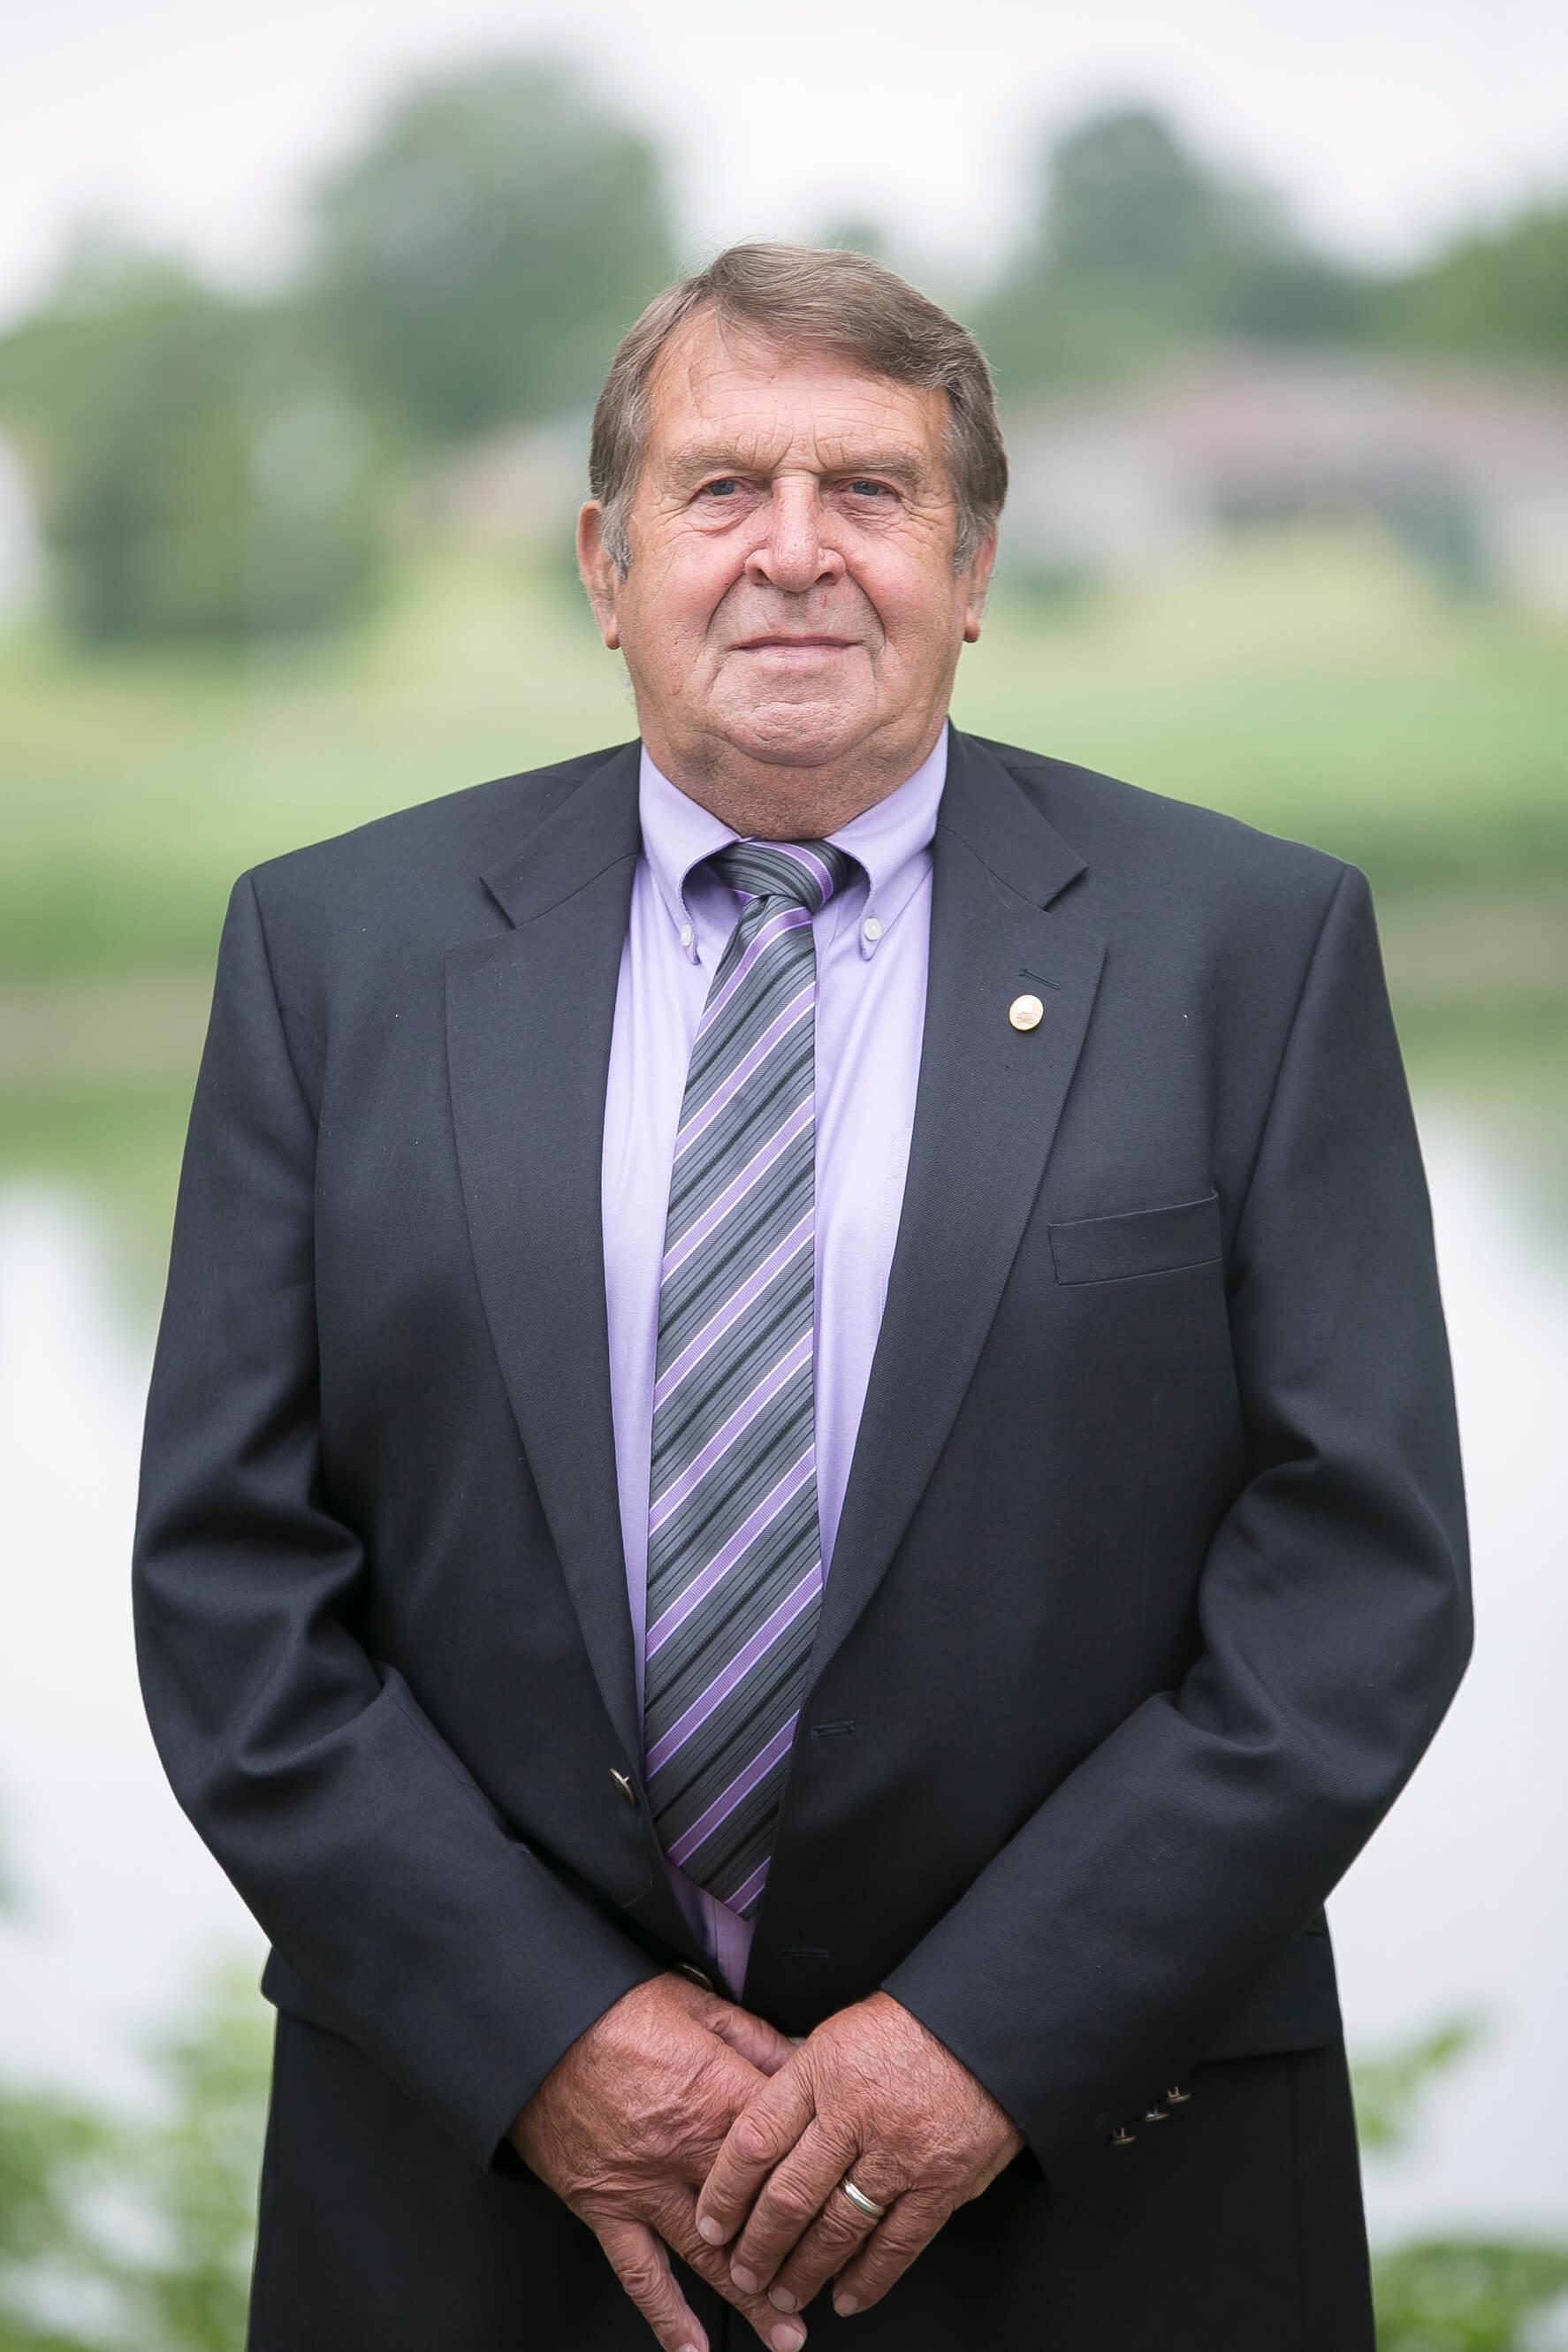 Jerry Keunen